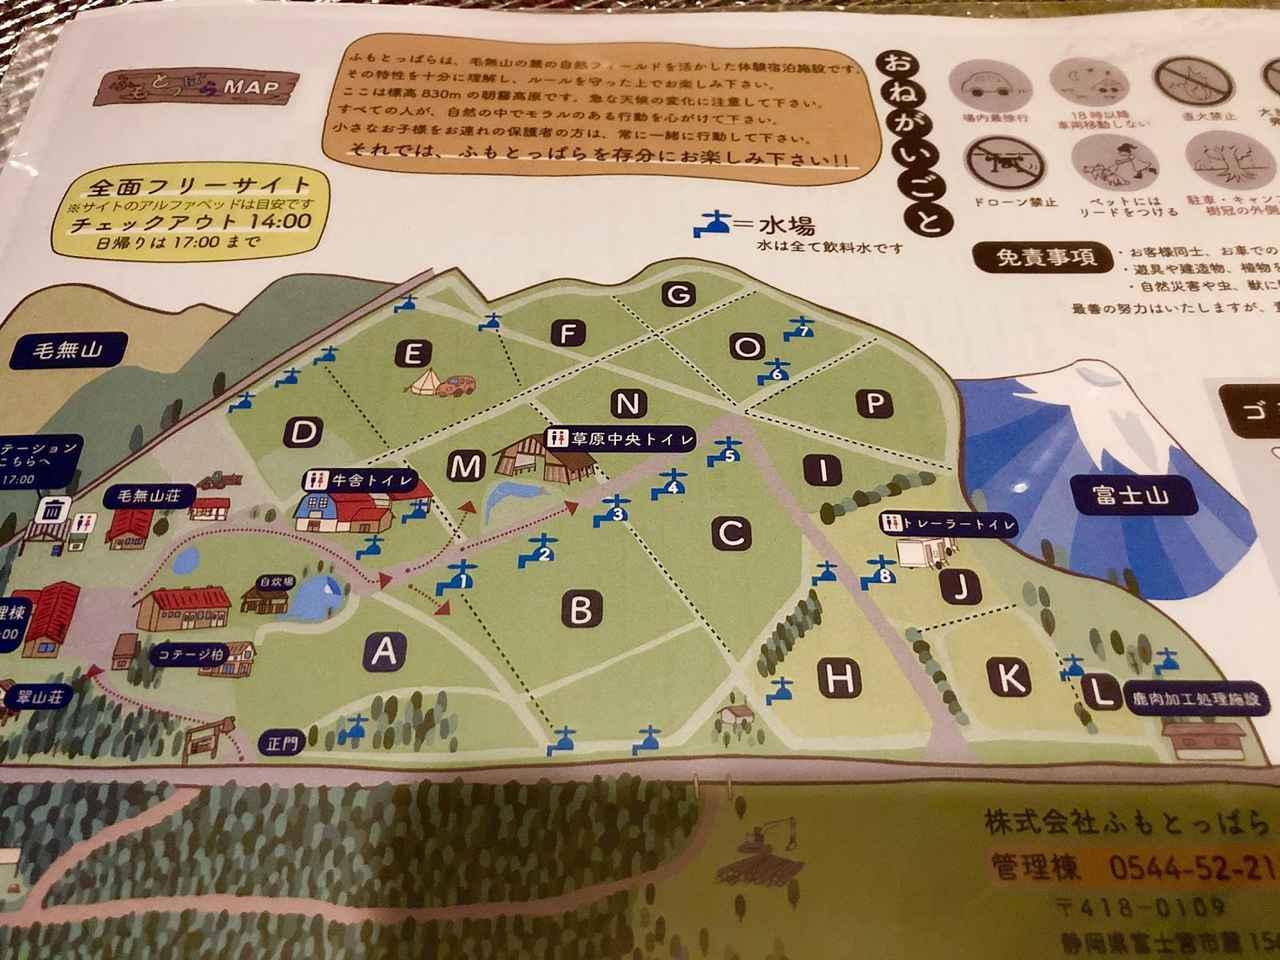 天気 場 ふもと ぱら キャンプ っ